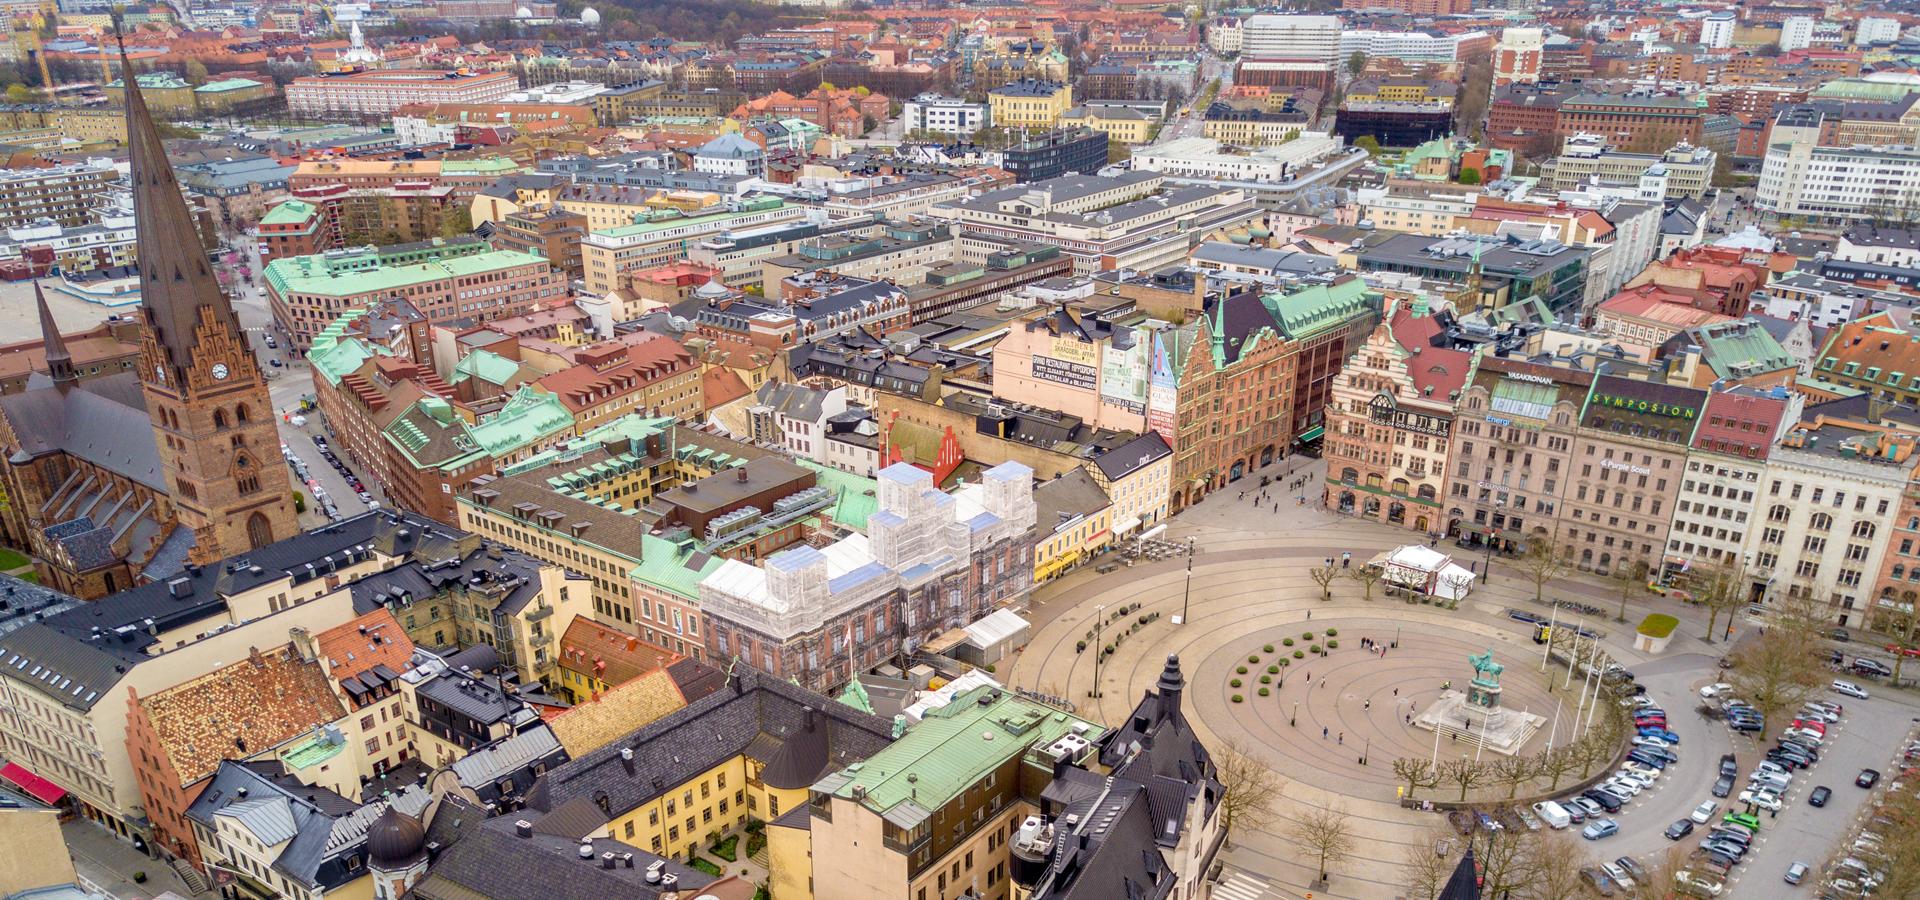 <b>Europe/Stockholm/Skane_County/Malmo</b>